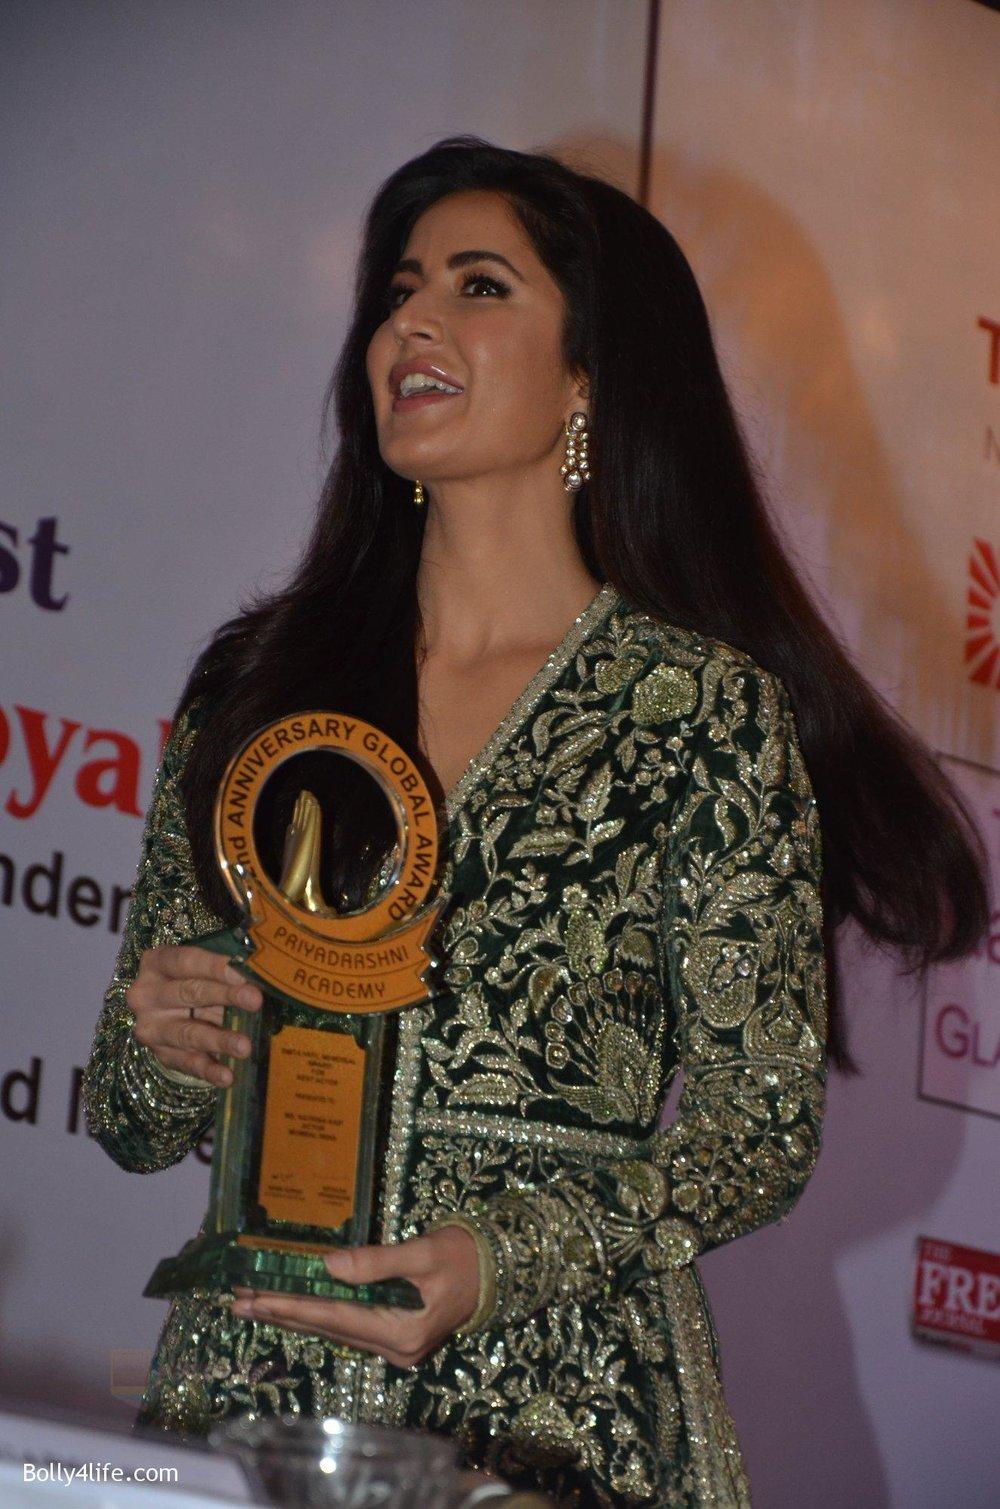 Katrina-Kaif-at-Priyadarshni-Award-on-19th-Set-2016-1.jpg